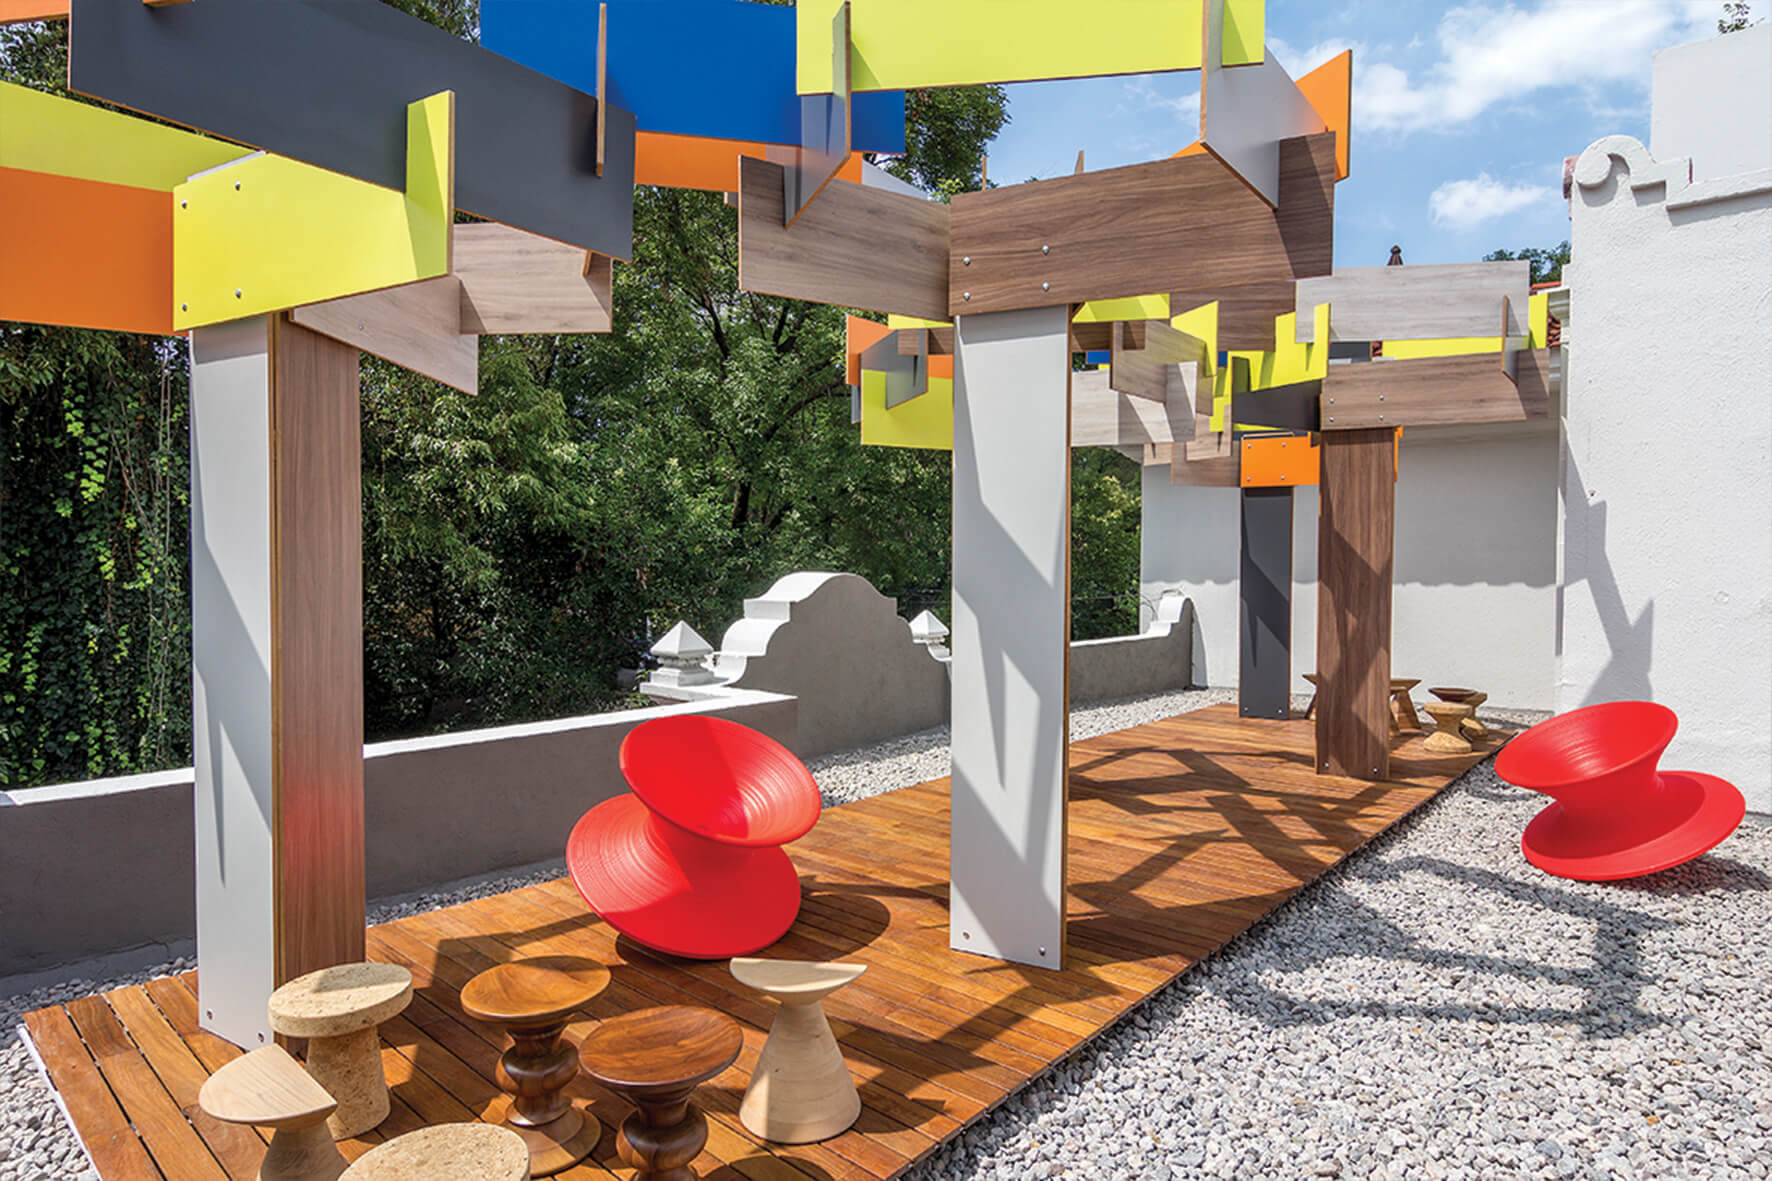 Britto Charette: Mexico City Inspiration